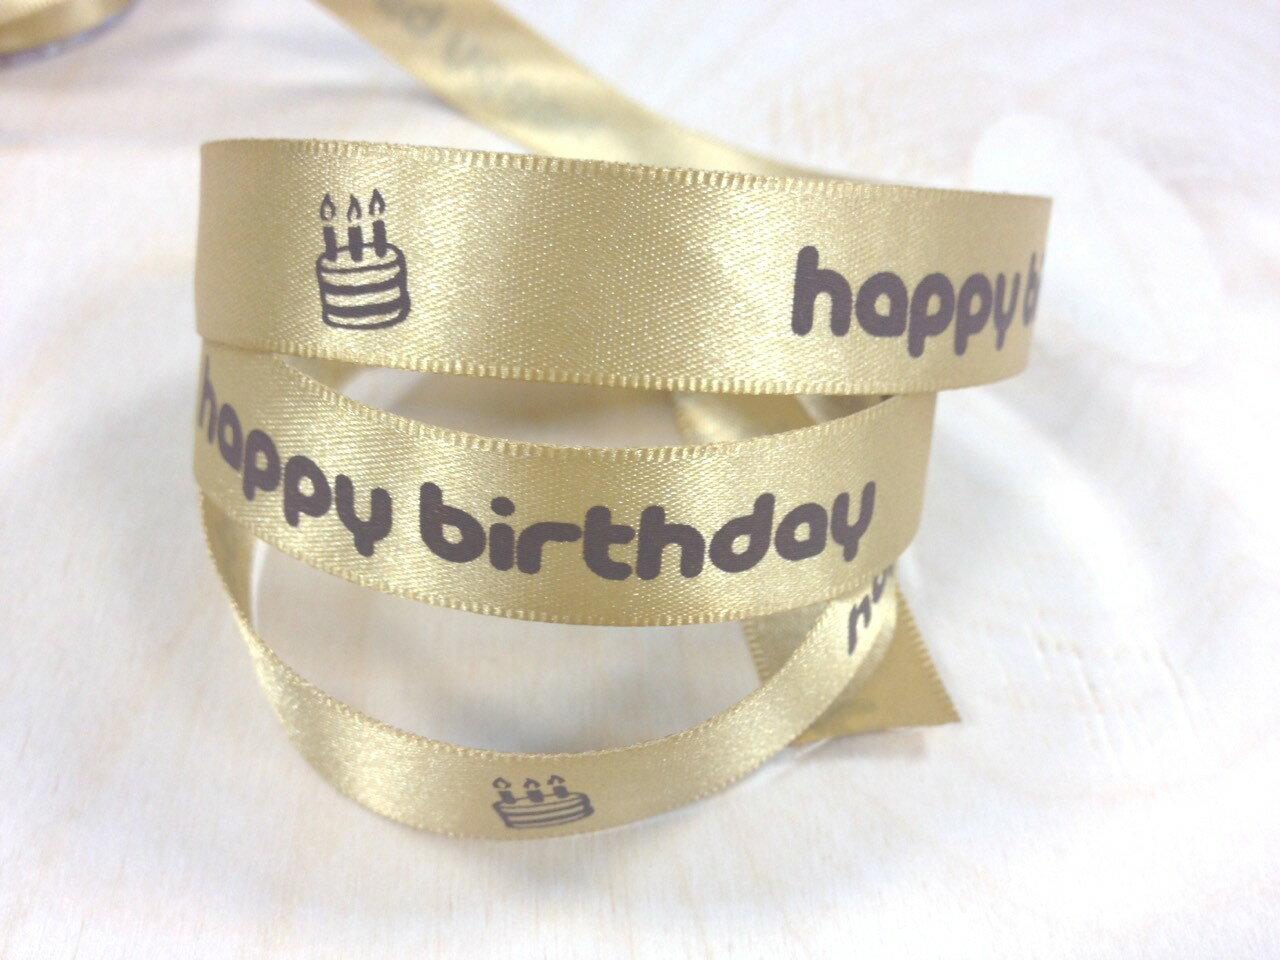 雙面緞緞帶生日快樂-許願蛋糕 15mm 3碼 (10色) 3